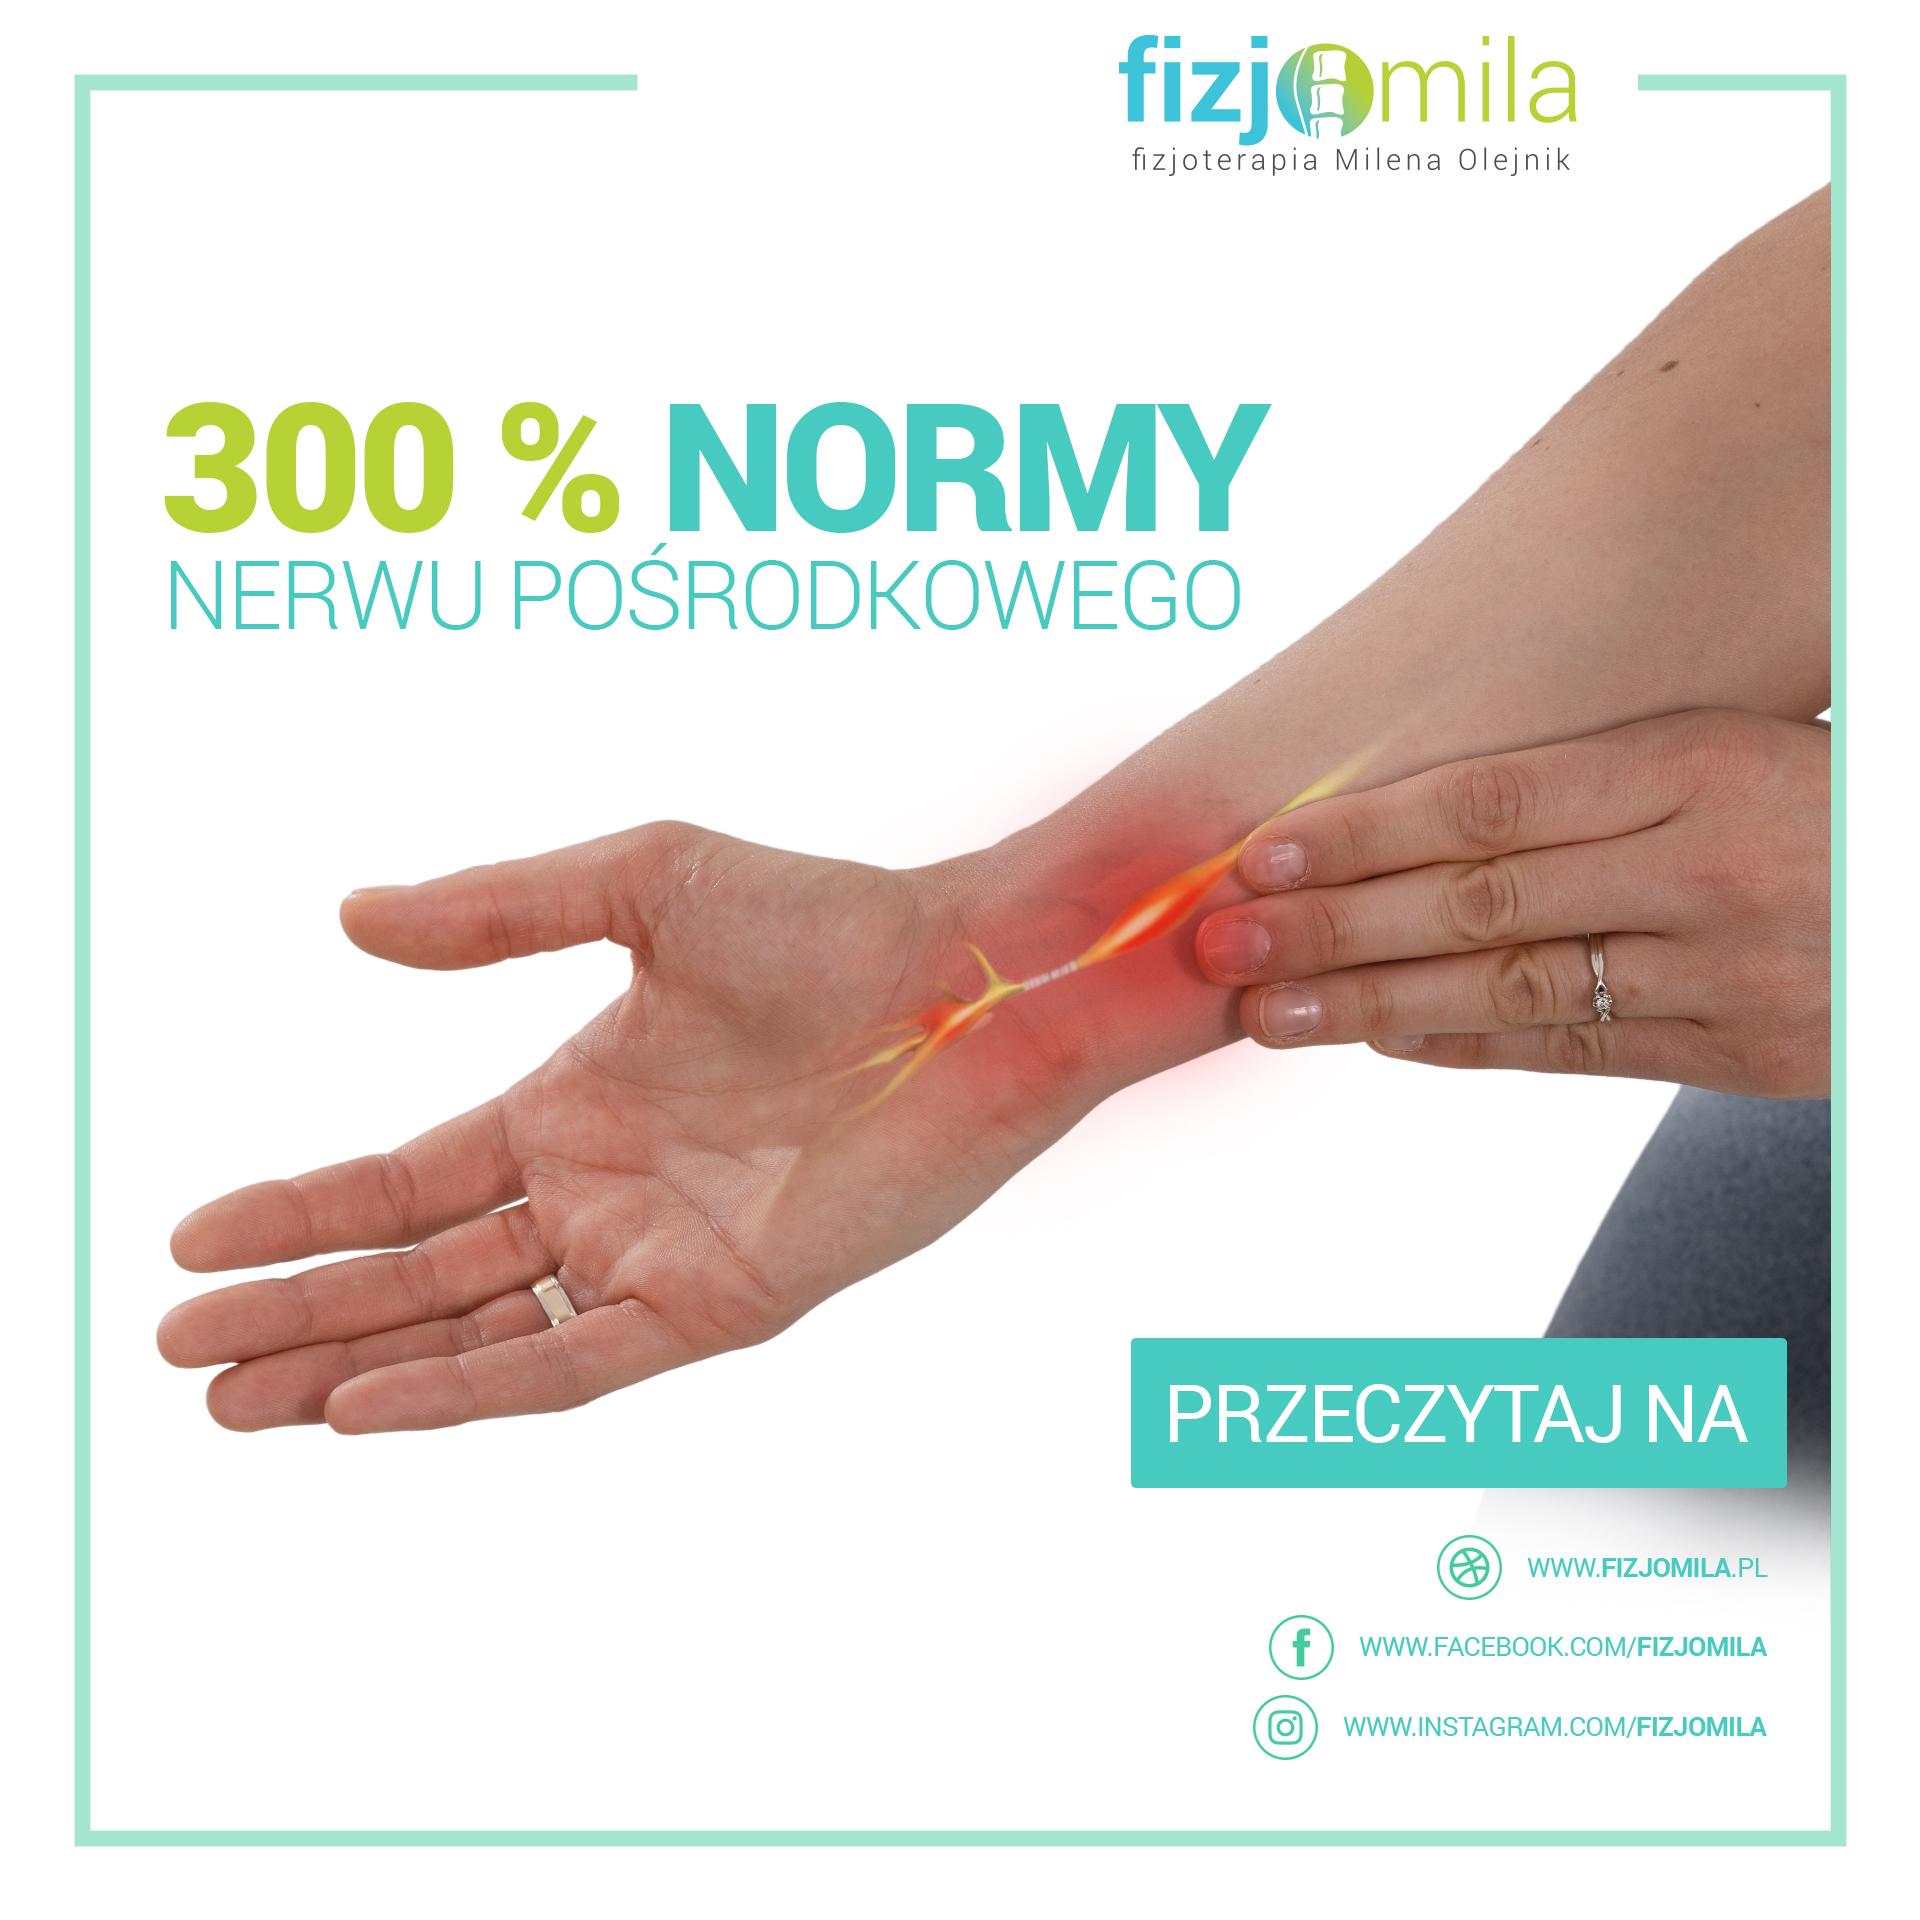 300 % normy nerwu pośrodkowego